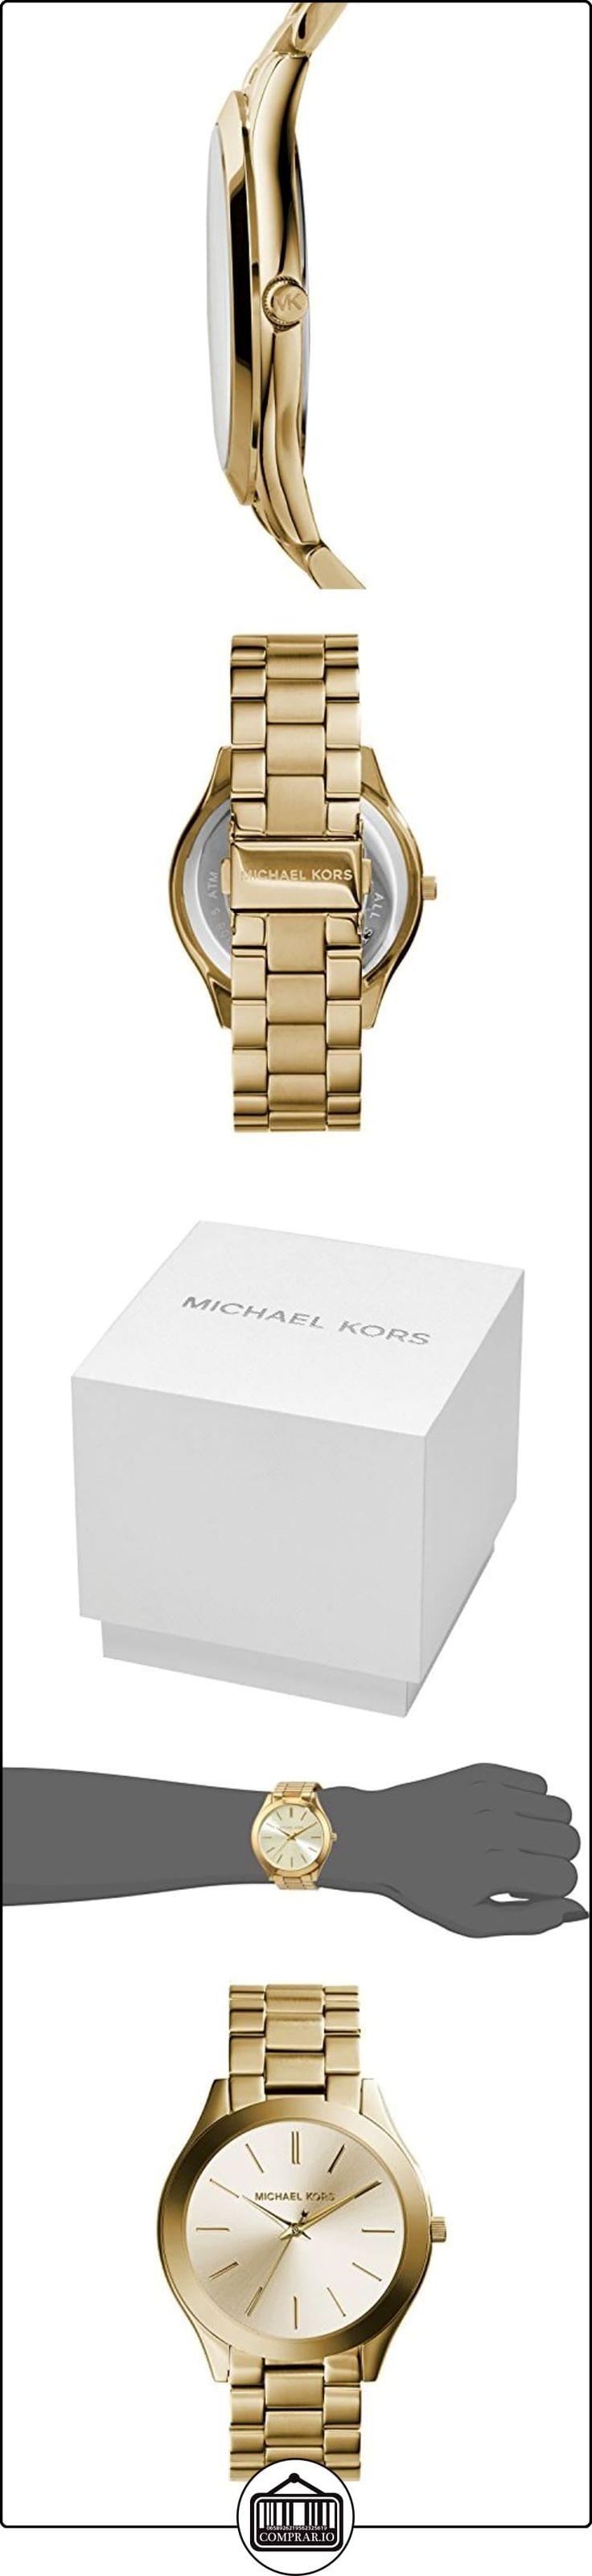 Michael Kors MK3179 - Reloj de cuarzo con correa de acero inoxidable para mujer, color dorado ✿ Relojes para mujer - (Gama media/alta) ✿ #RelojMichaelKorsMujer #RelojMichaelKors #MichaelKorsReloj #RelojMK #RelojMKMujer